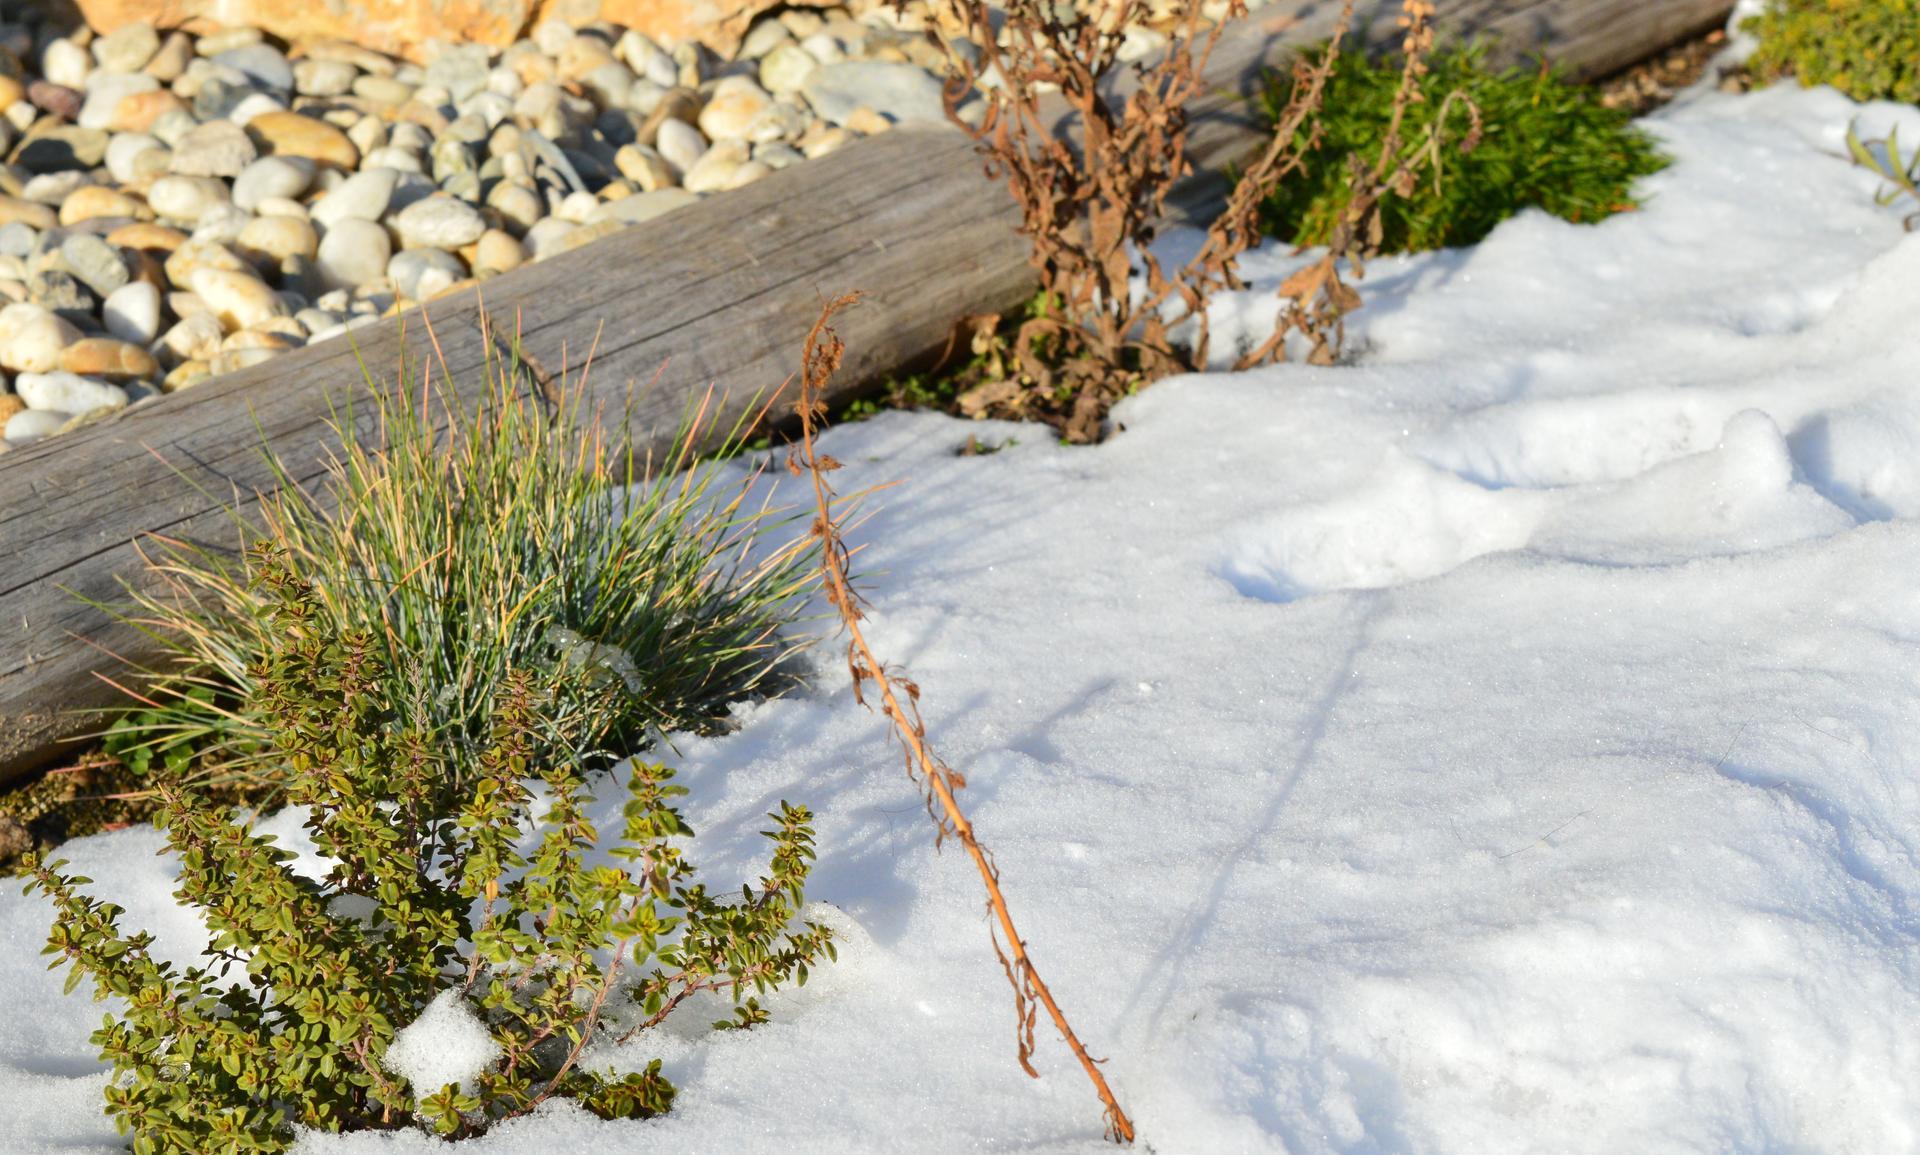 Naša prírodná perma záhradka v roku 2021 - 1/2021 vždyzelené popri múre